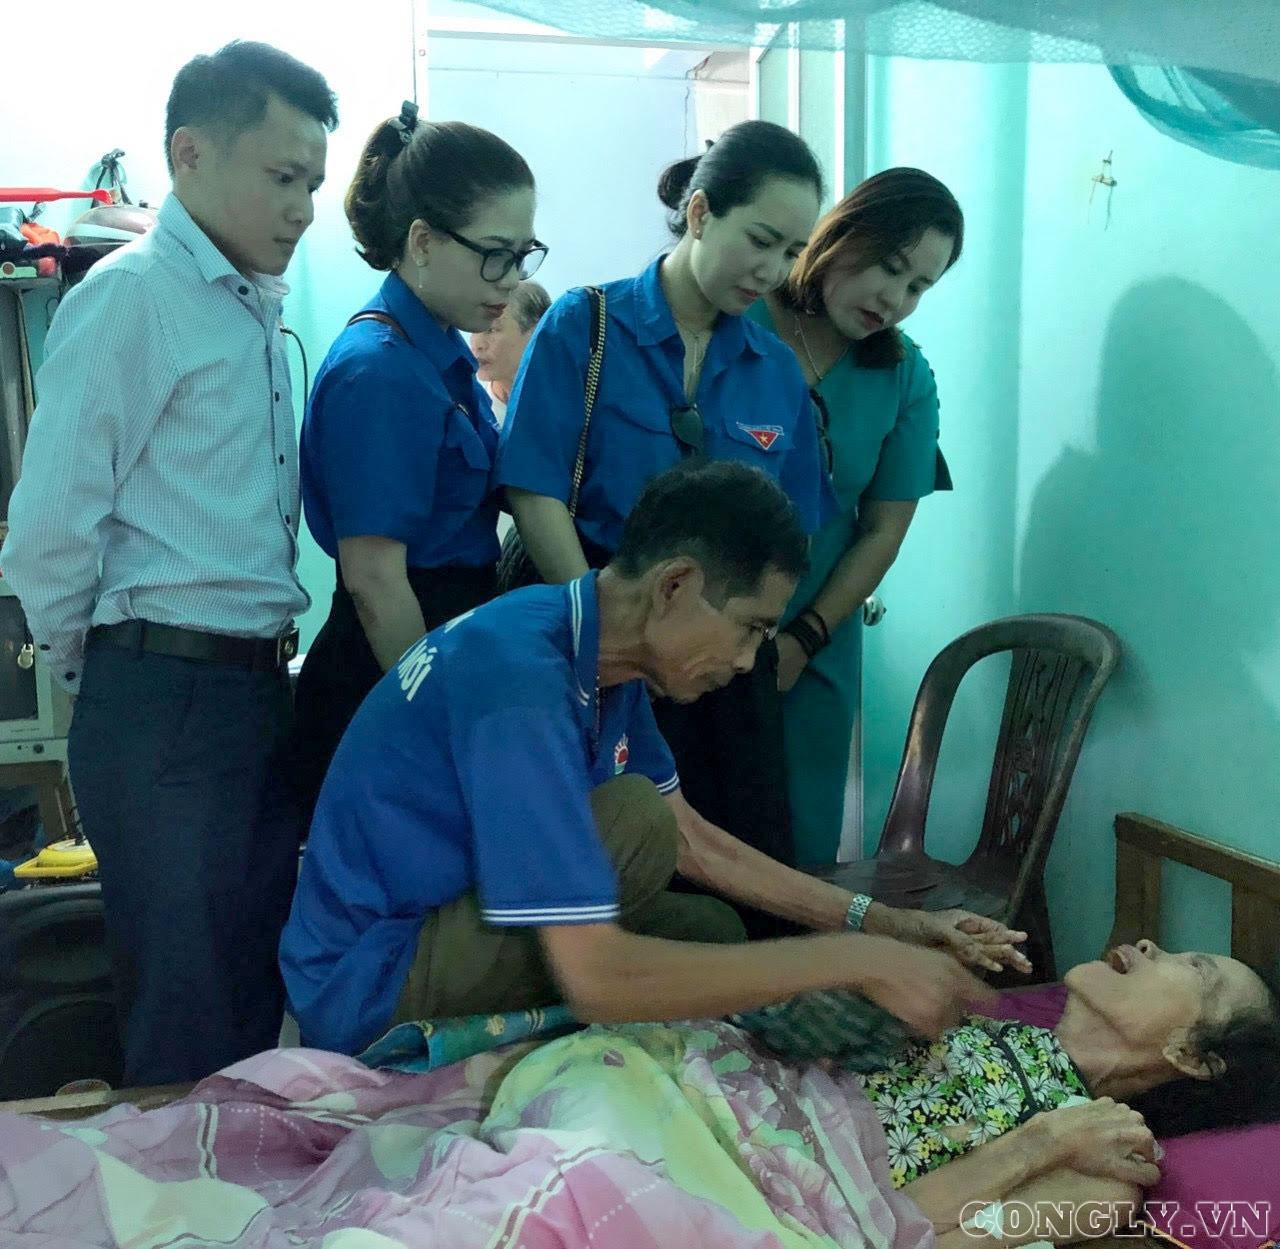 Đoàn Thanh niên Báo Công lý trao quà cho những hoàn cảnh đặc biệt khó khăn ở Quảng Trị